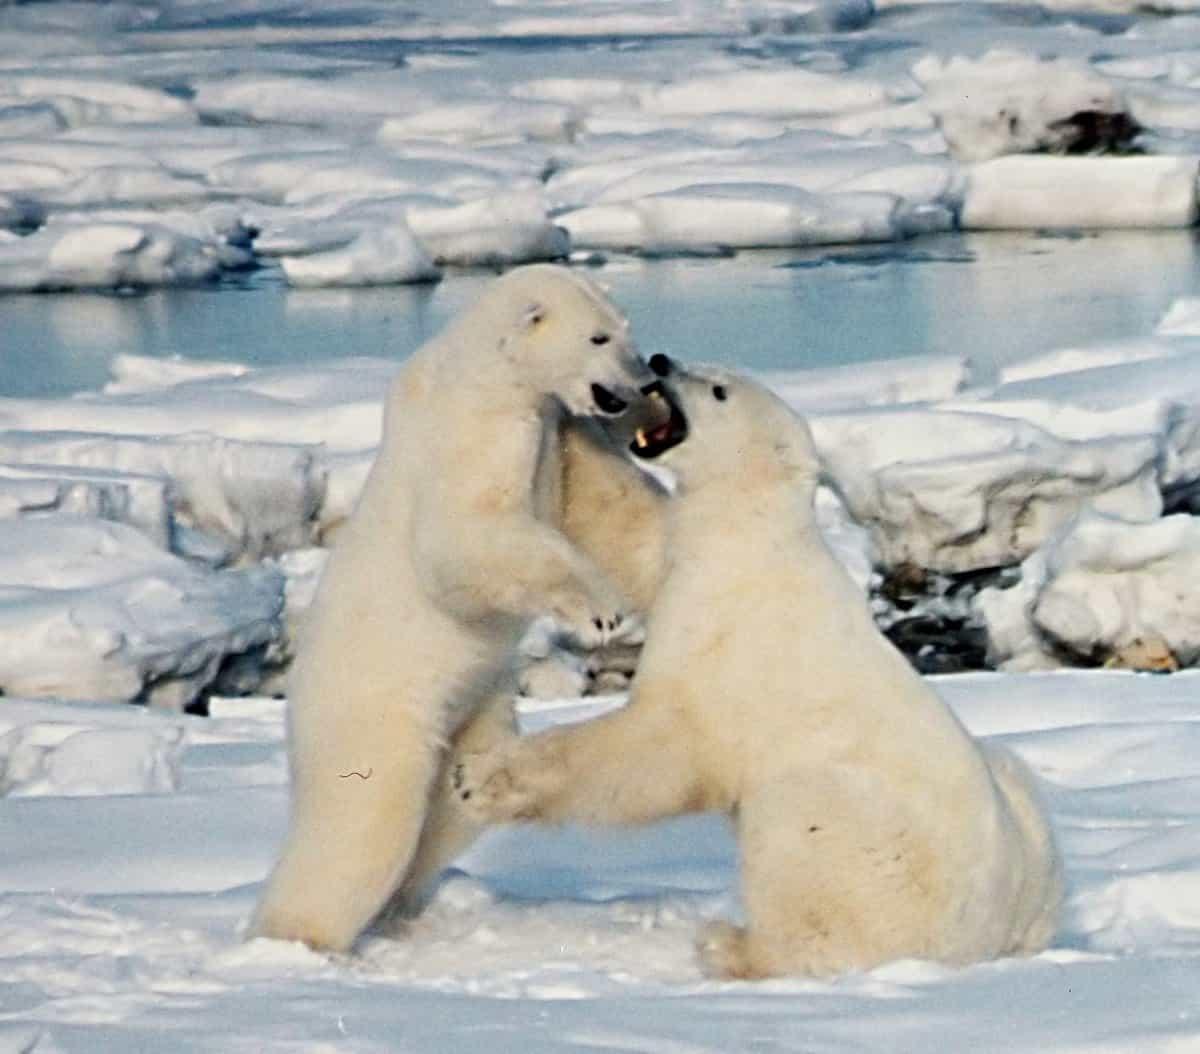 How tall is Polar bear?